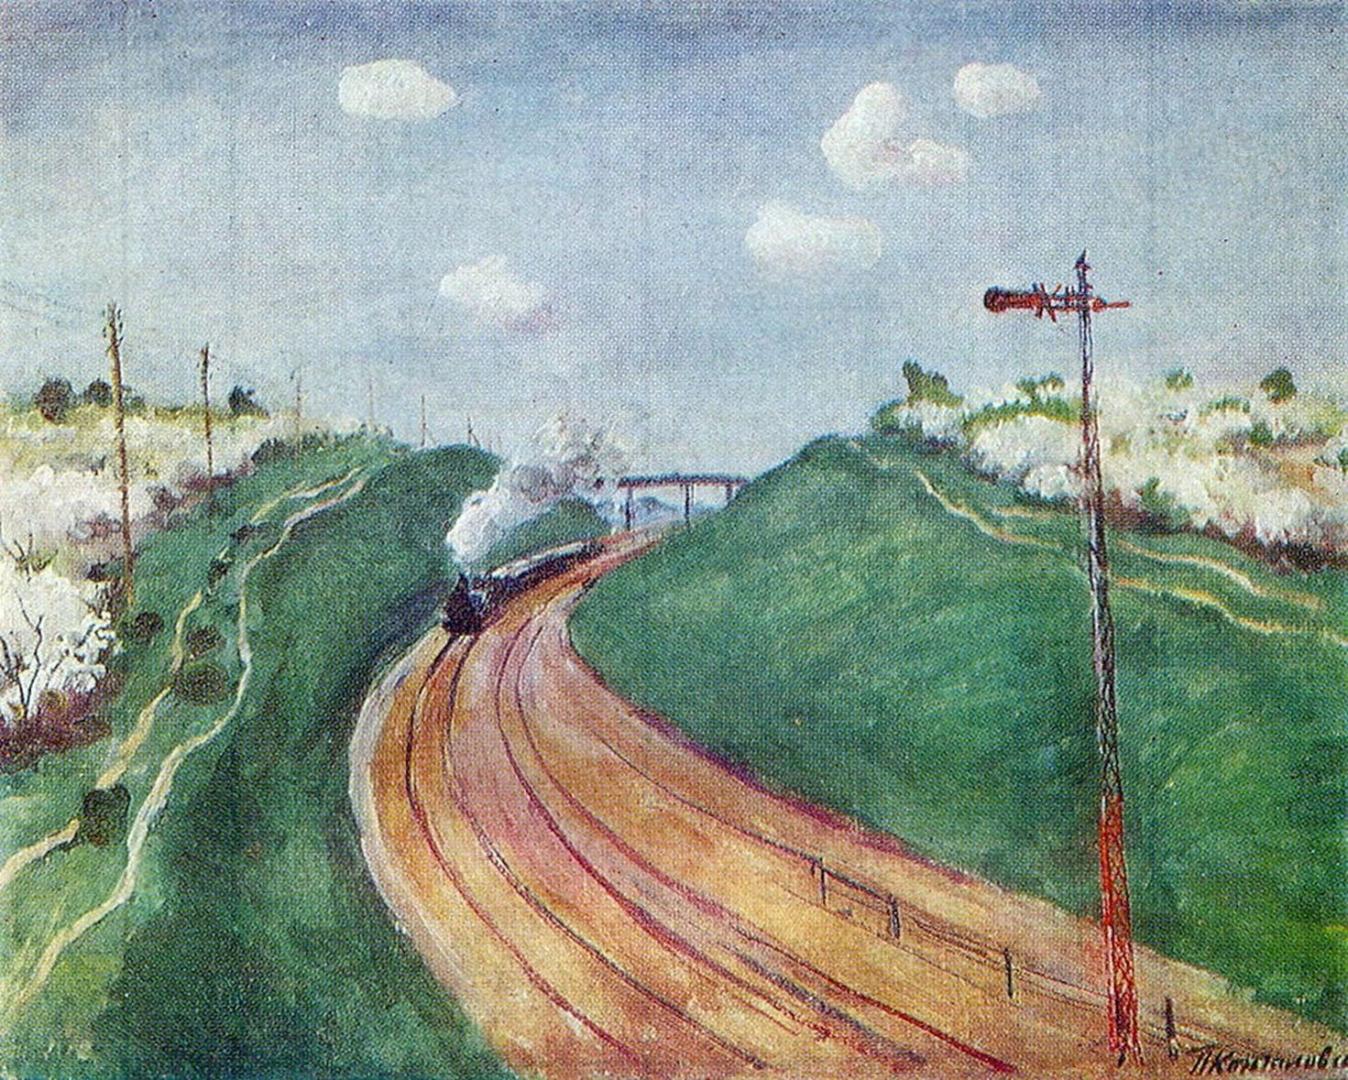 Петр Кончаловский. Весенний пейзаж с поездом. 1931